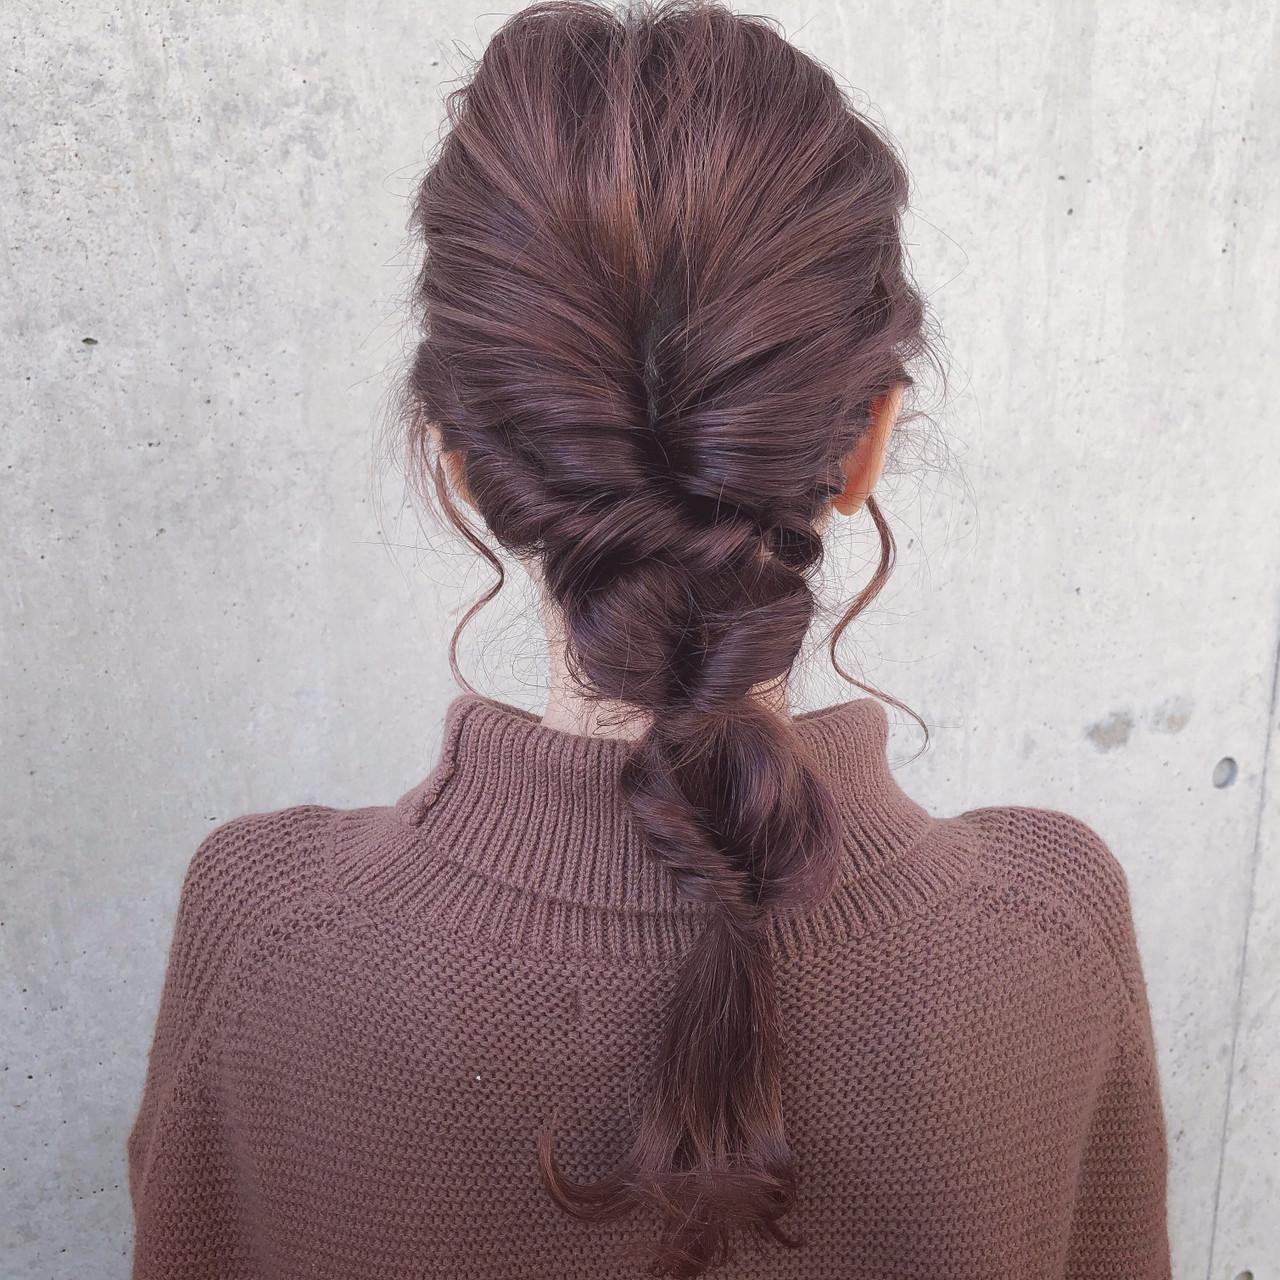 フェミニン セミロング 簡単ヘアアレンジ ヘアアレンジ ヘアスタイルや髪型の写真・画像